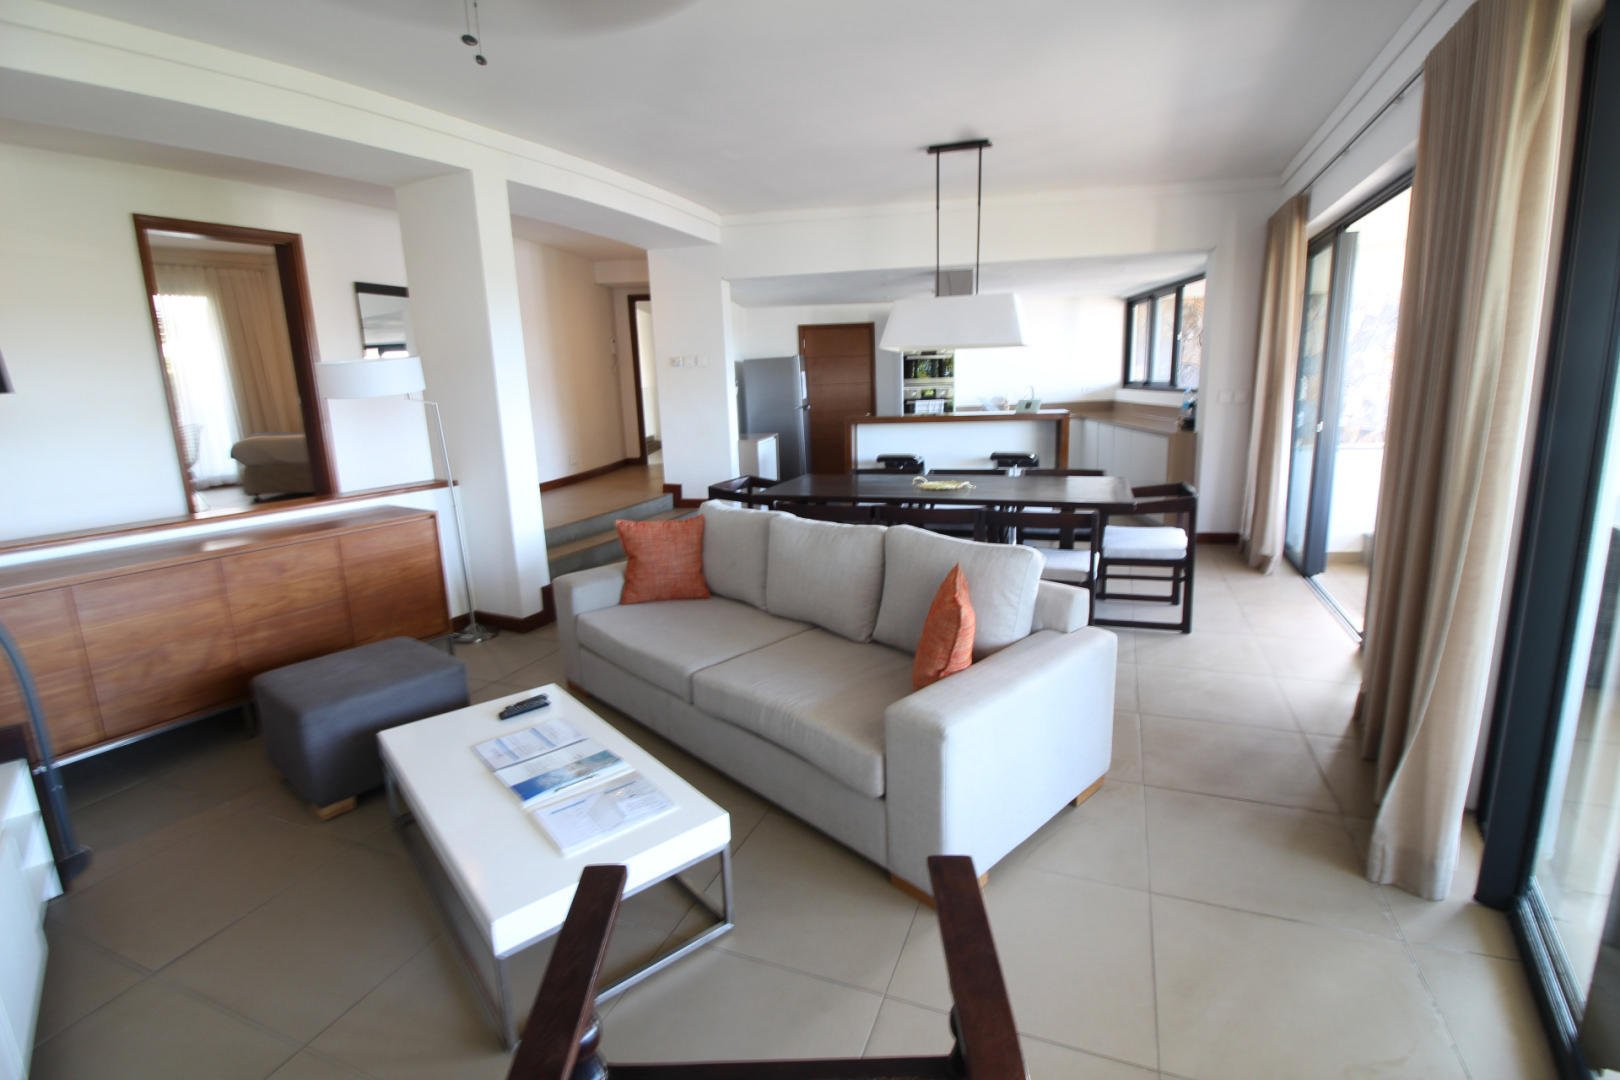 Apartment in Rivière du Rempart, Rivière du Rempart District, Mauritius 1